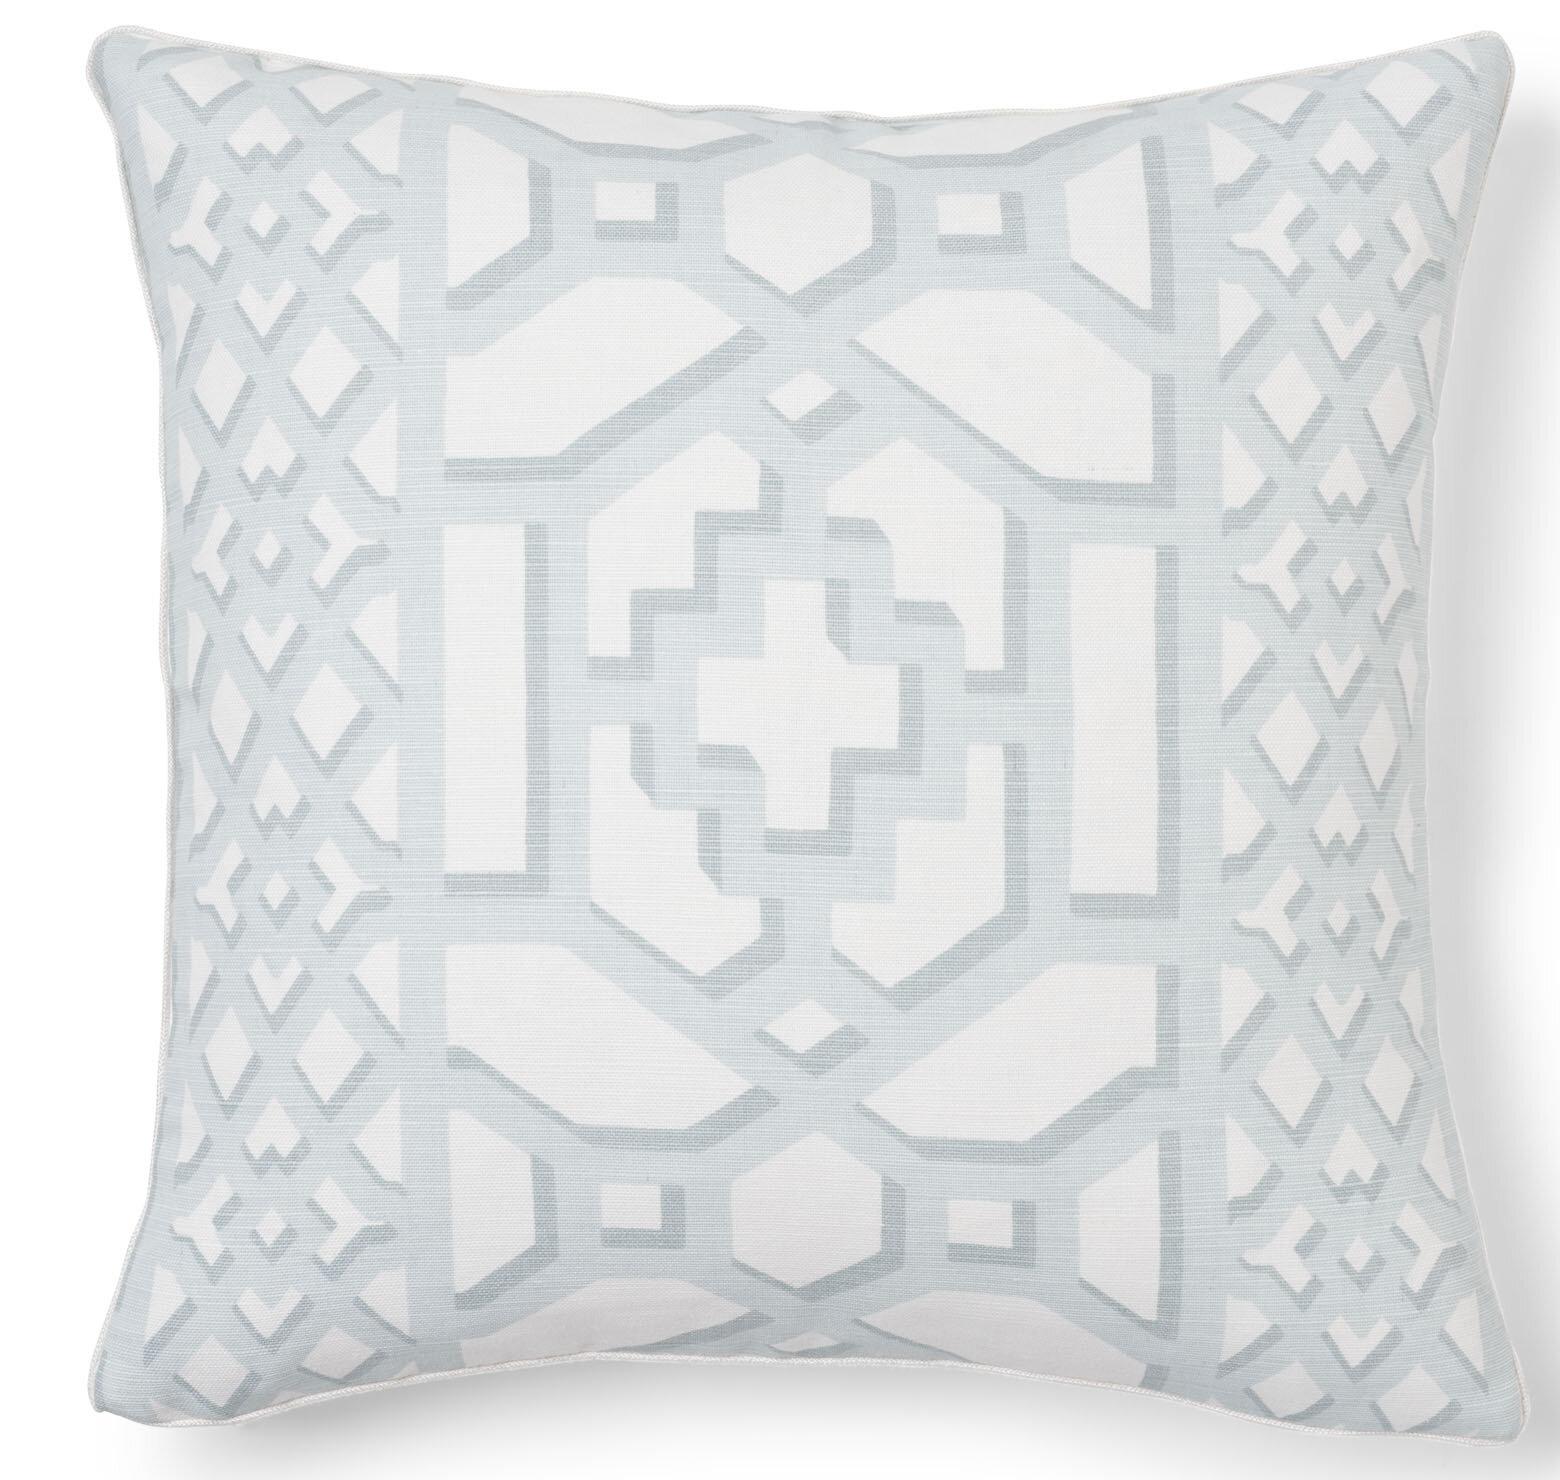 Schumacher Zanzibar Trellis Matte Throw Pillow Wayfair